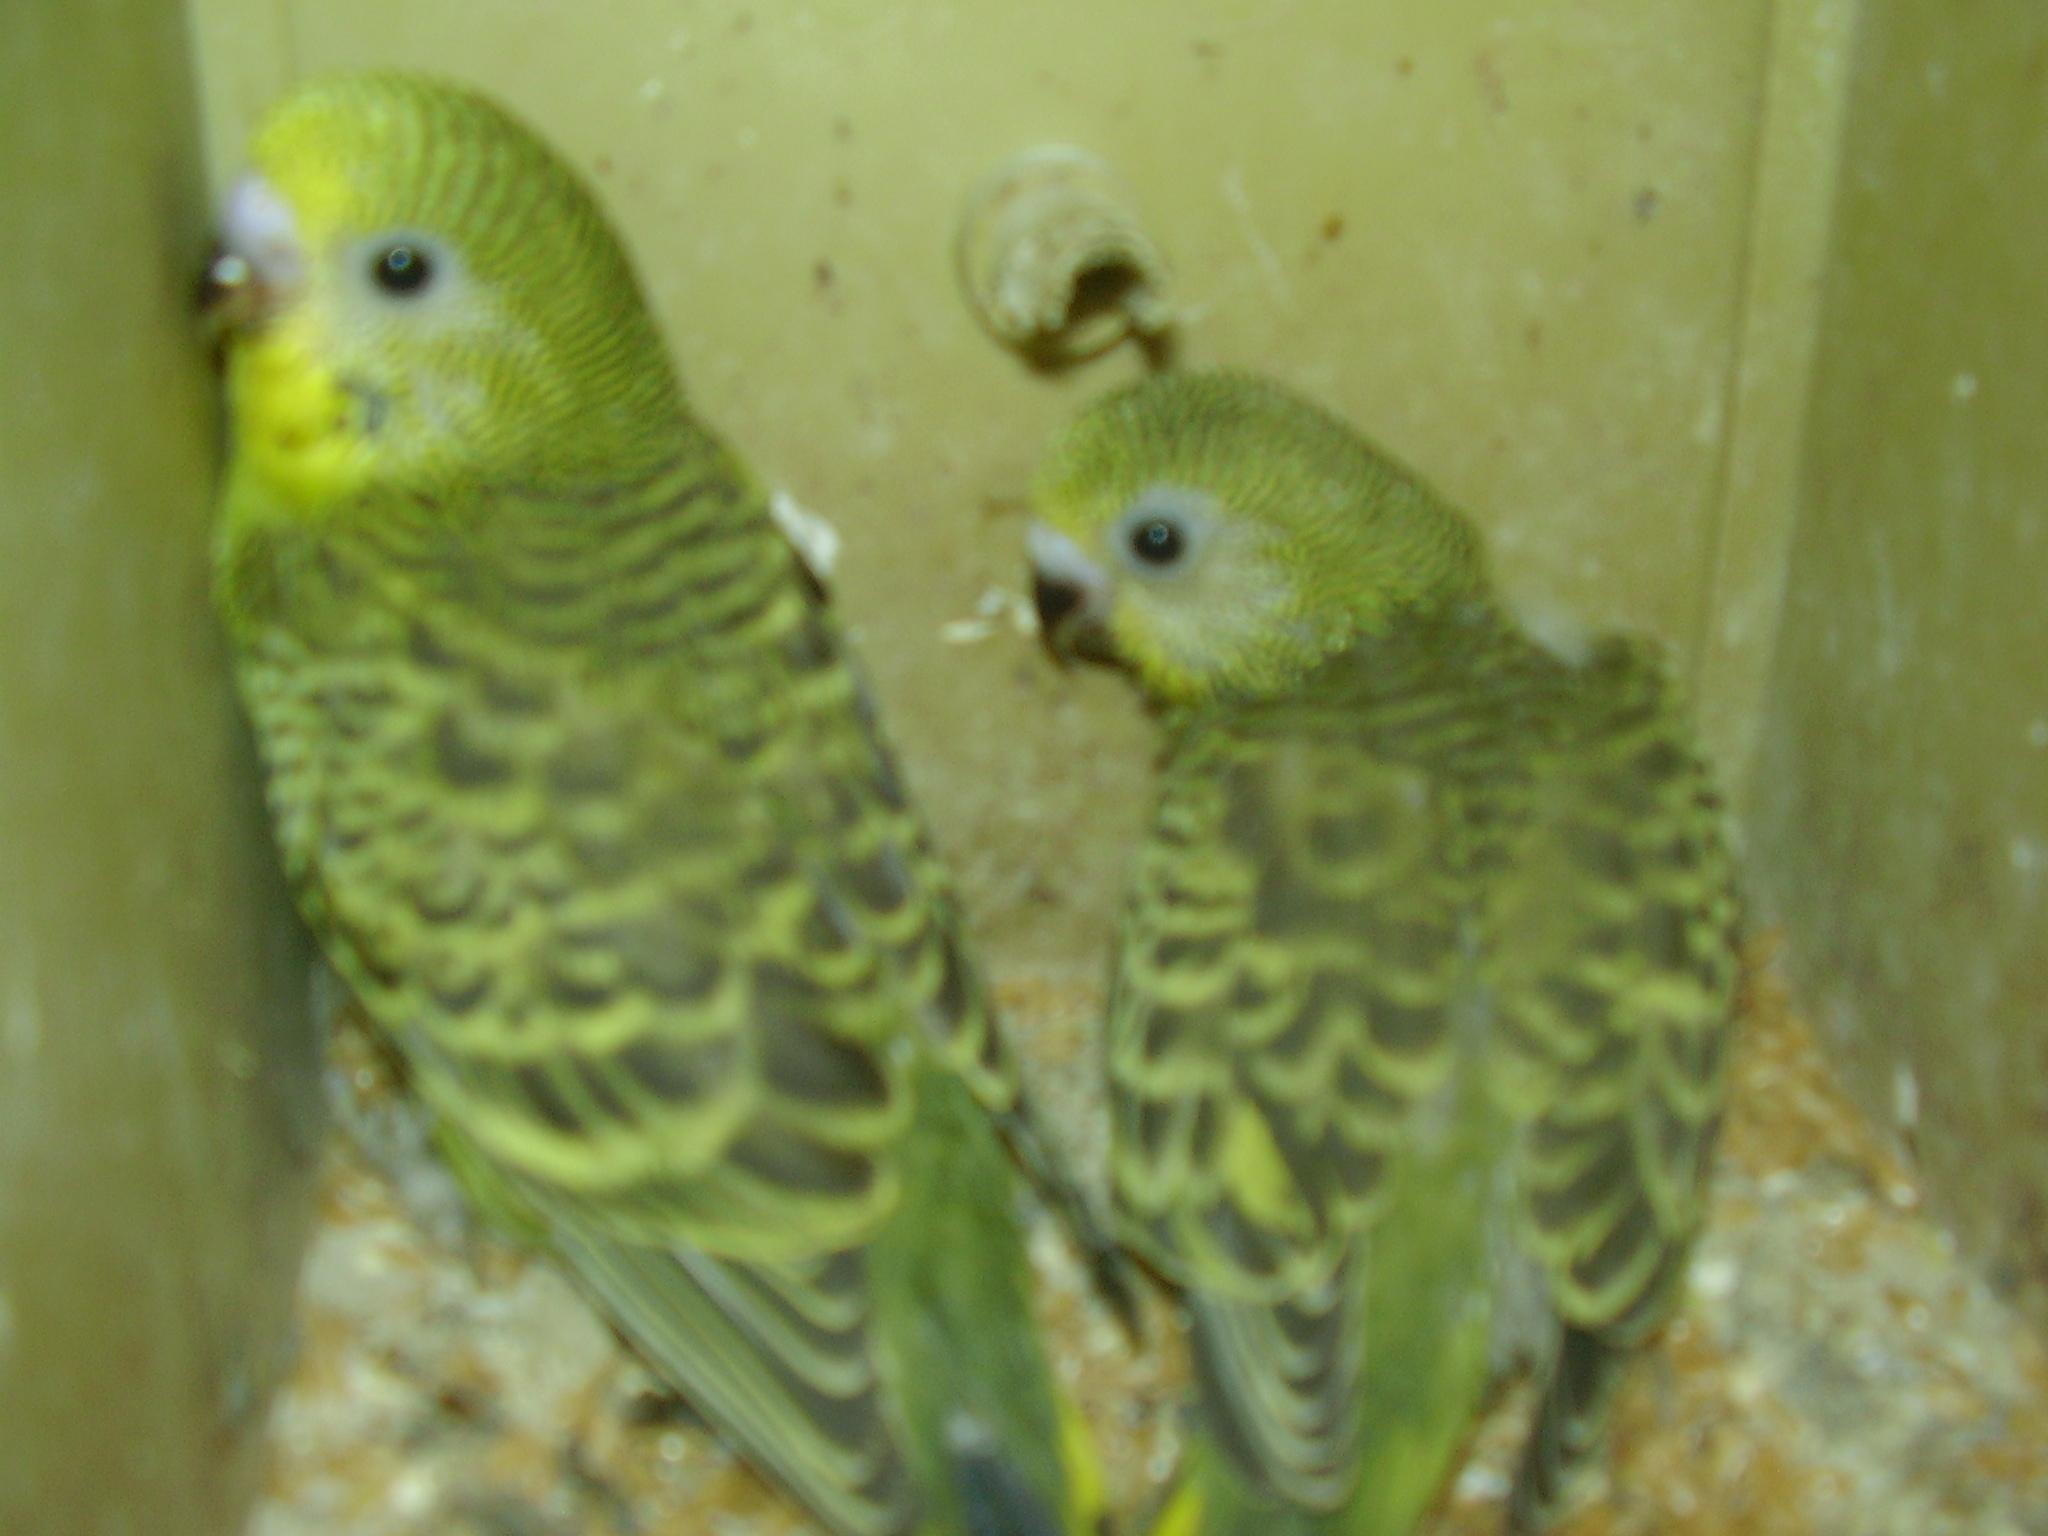 my 2 new chicks